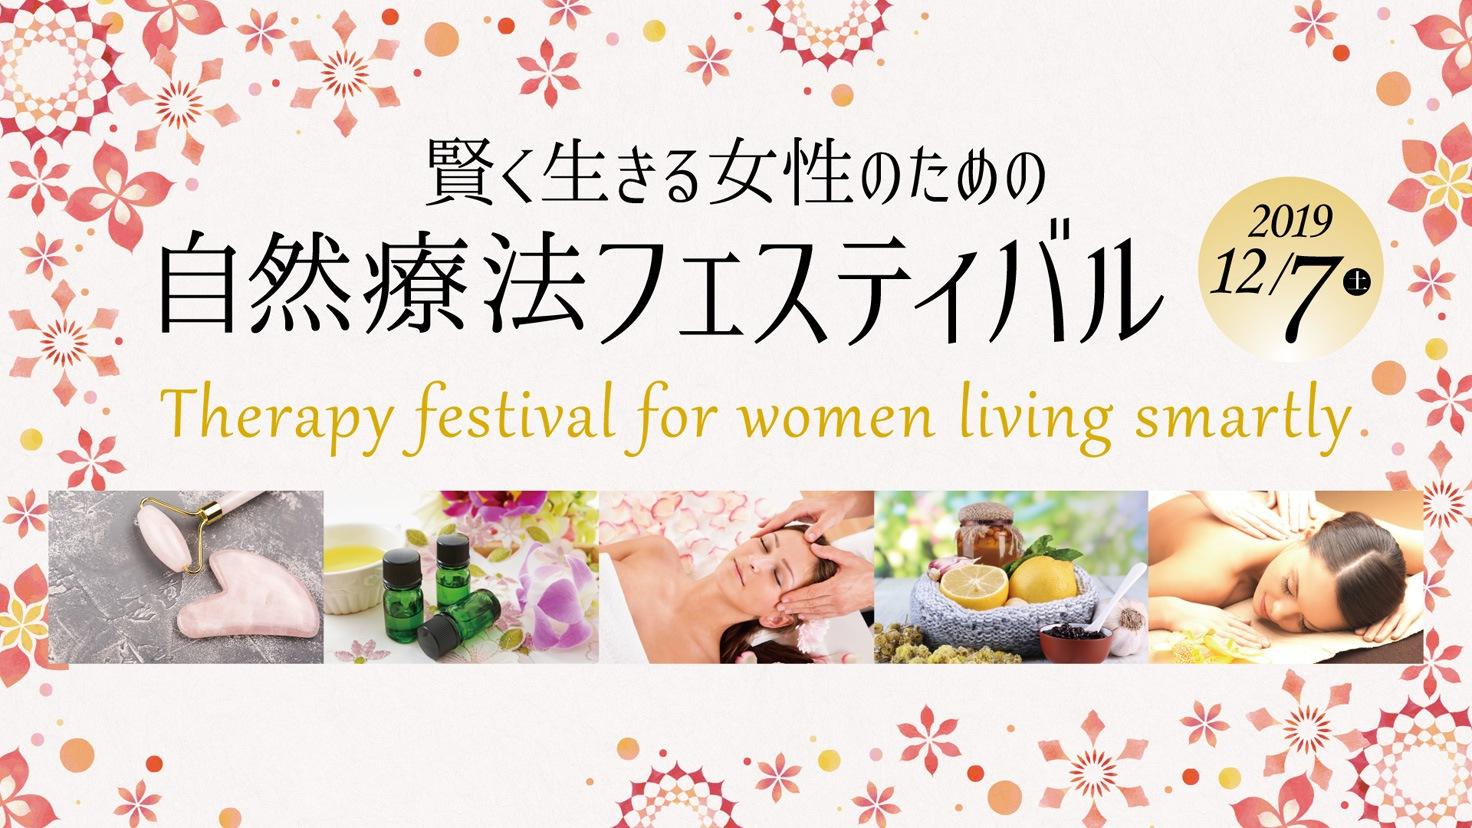 第3回 賢く生きる女性のための自然療法フェスティバル